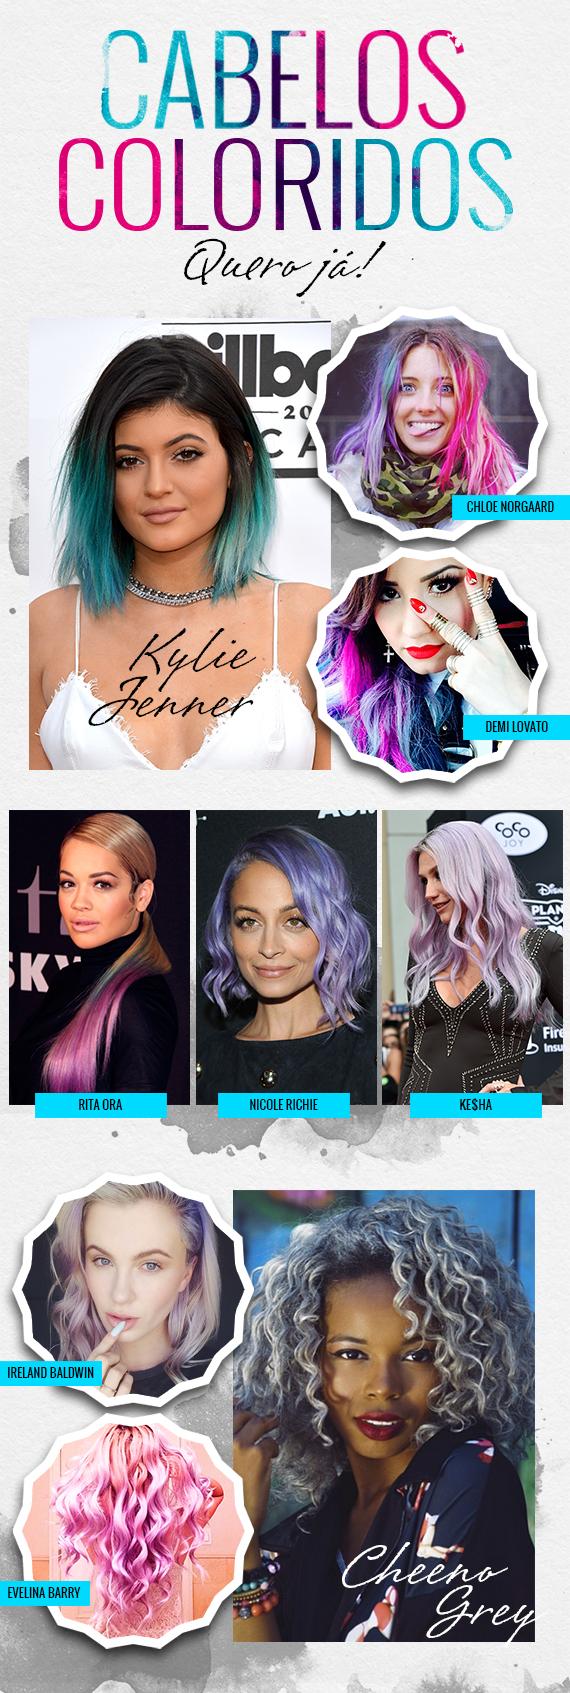 cabeloscoloridos